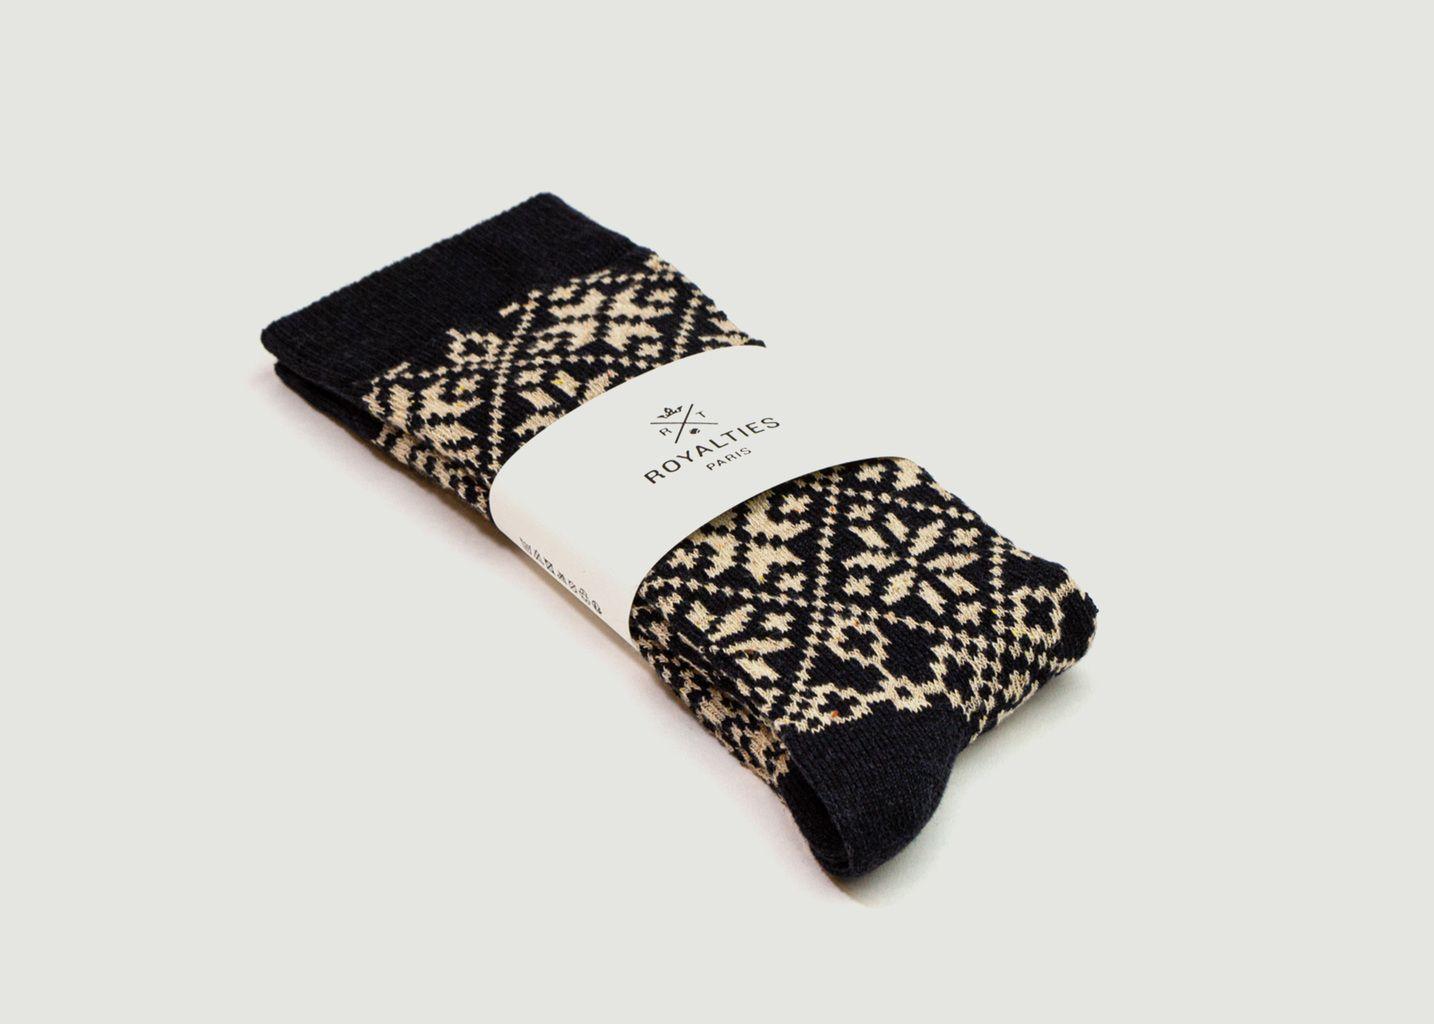 Chaussettes motif fantaisie Moritz - Royalties